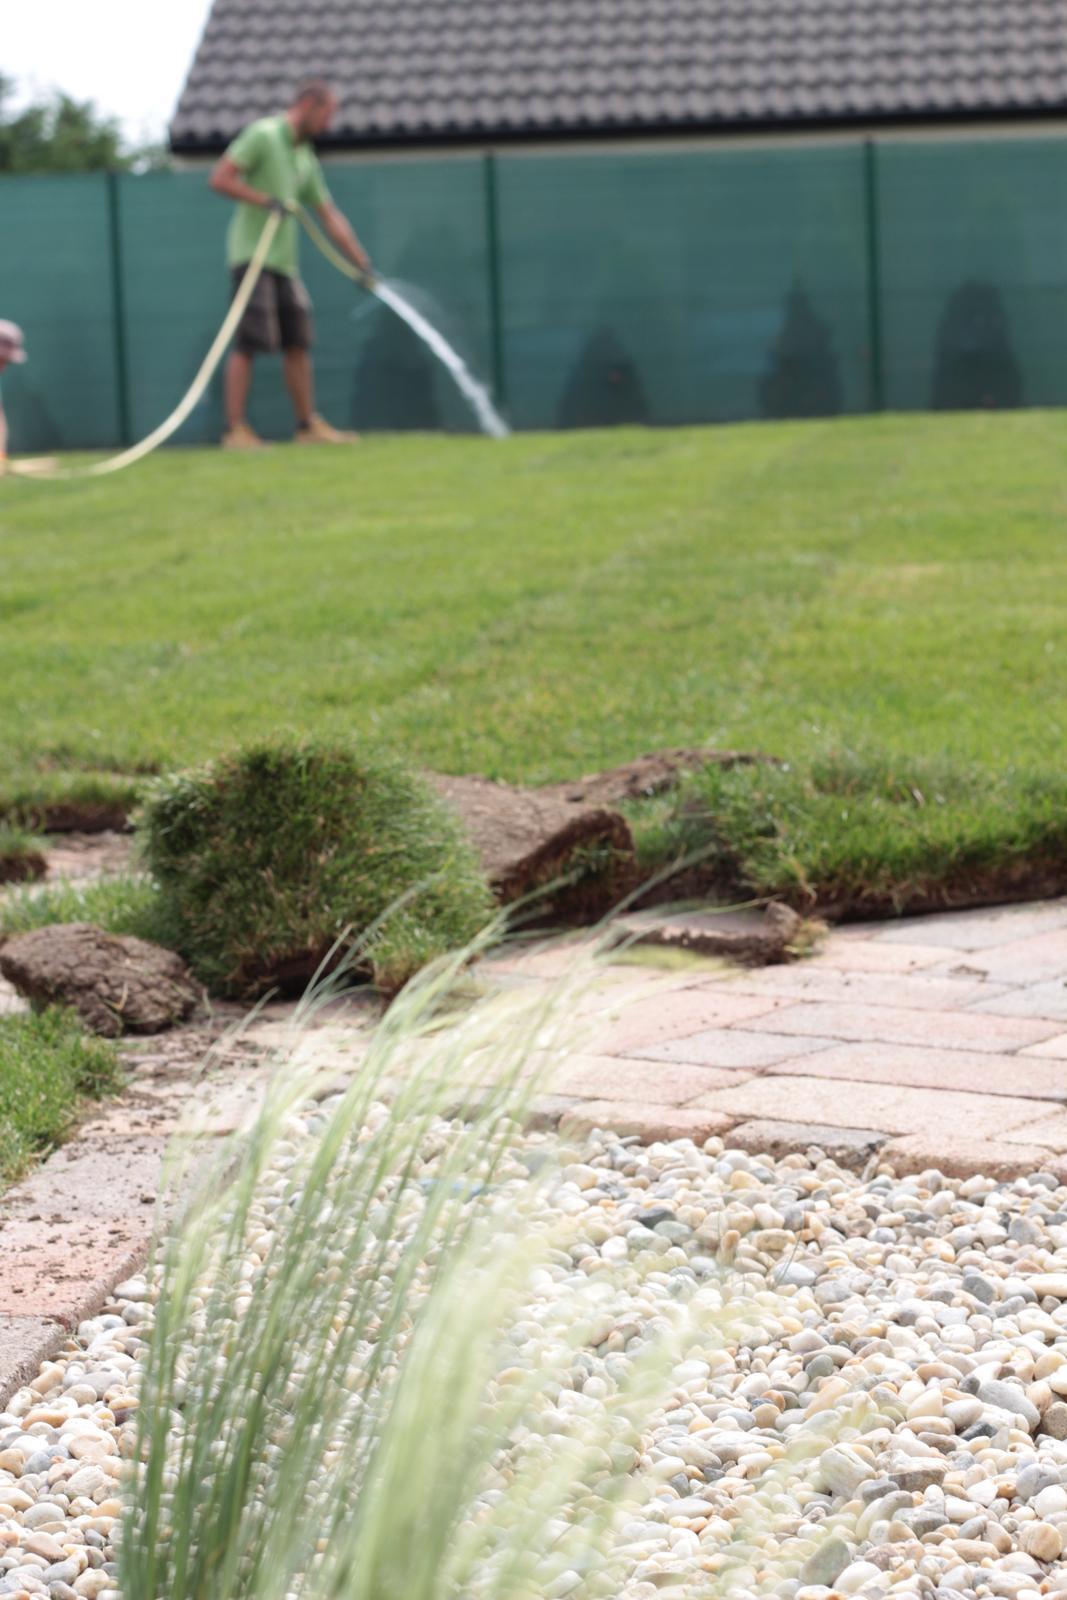 Exteriér - záhrada - Záhradník sa činí